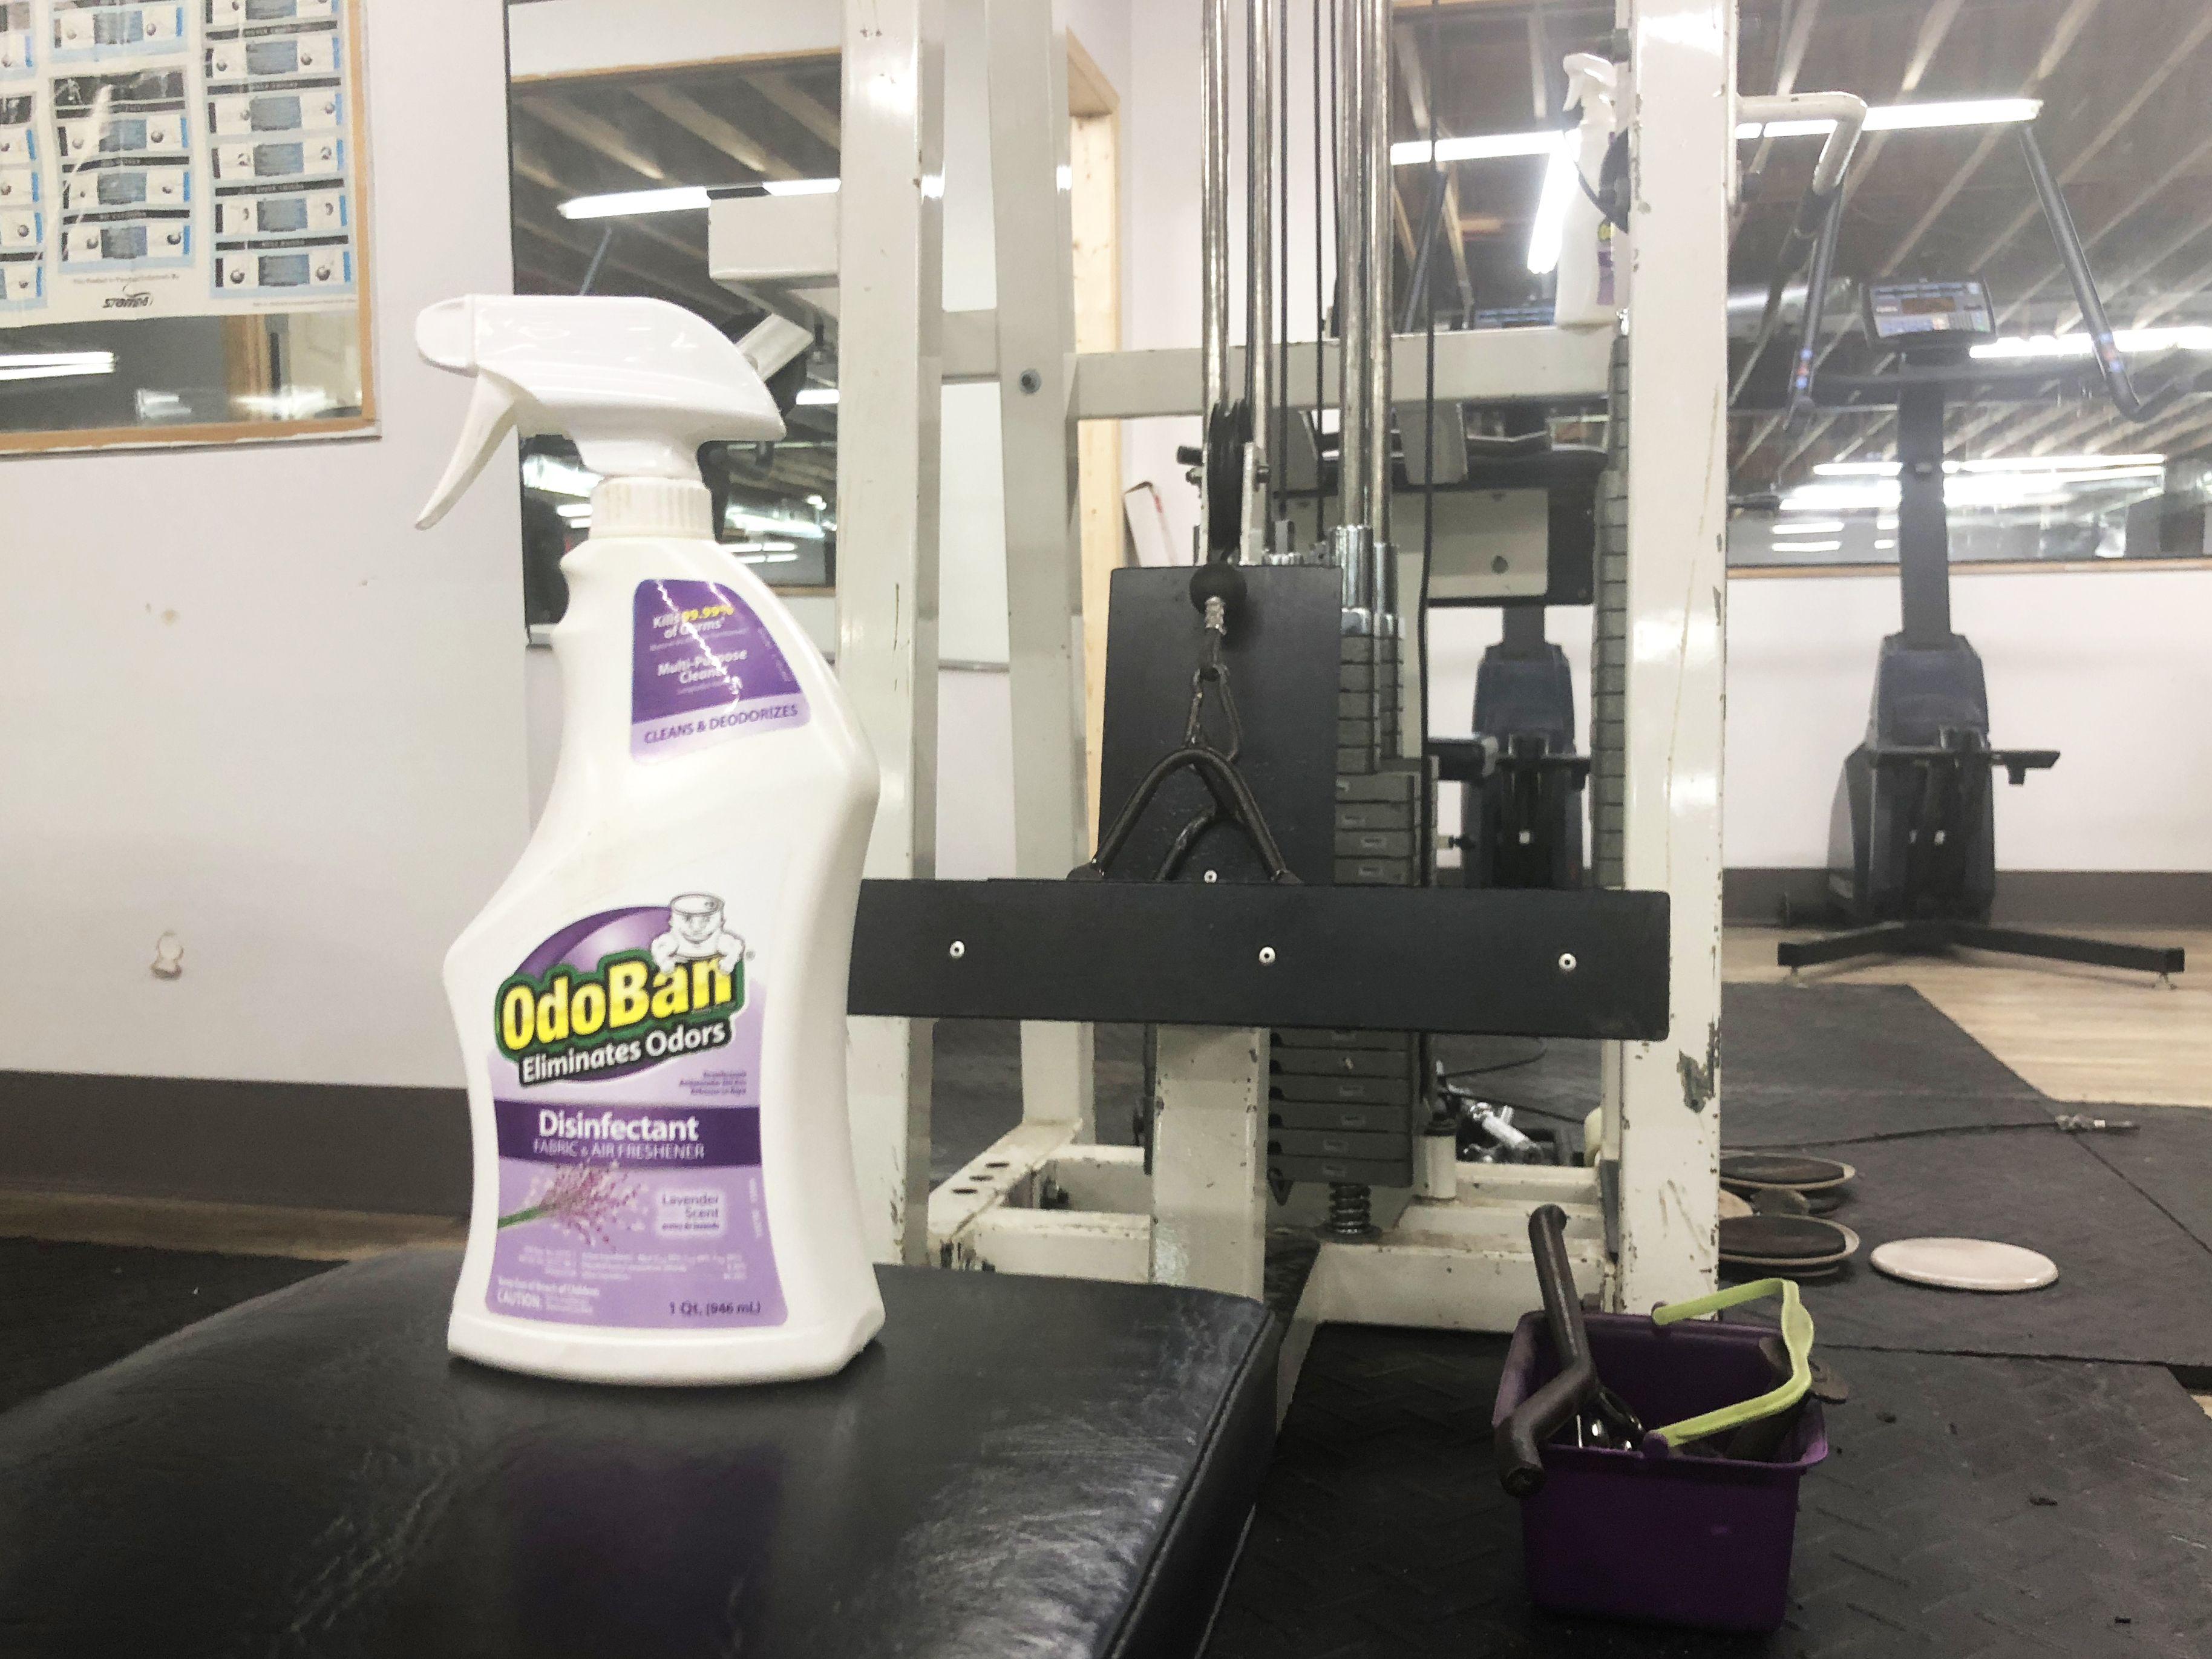 OdoBan Disinfectant and Odor Eliminator Spray Odor